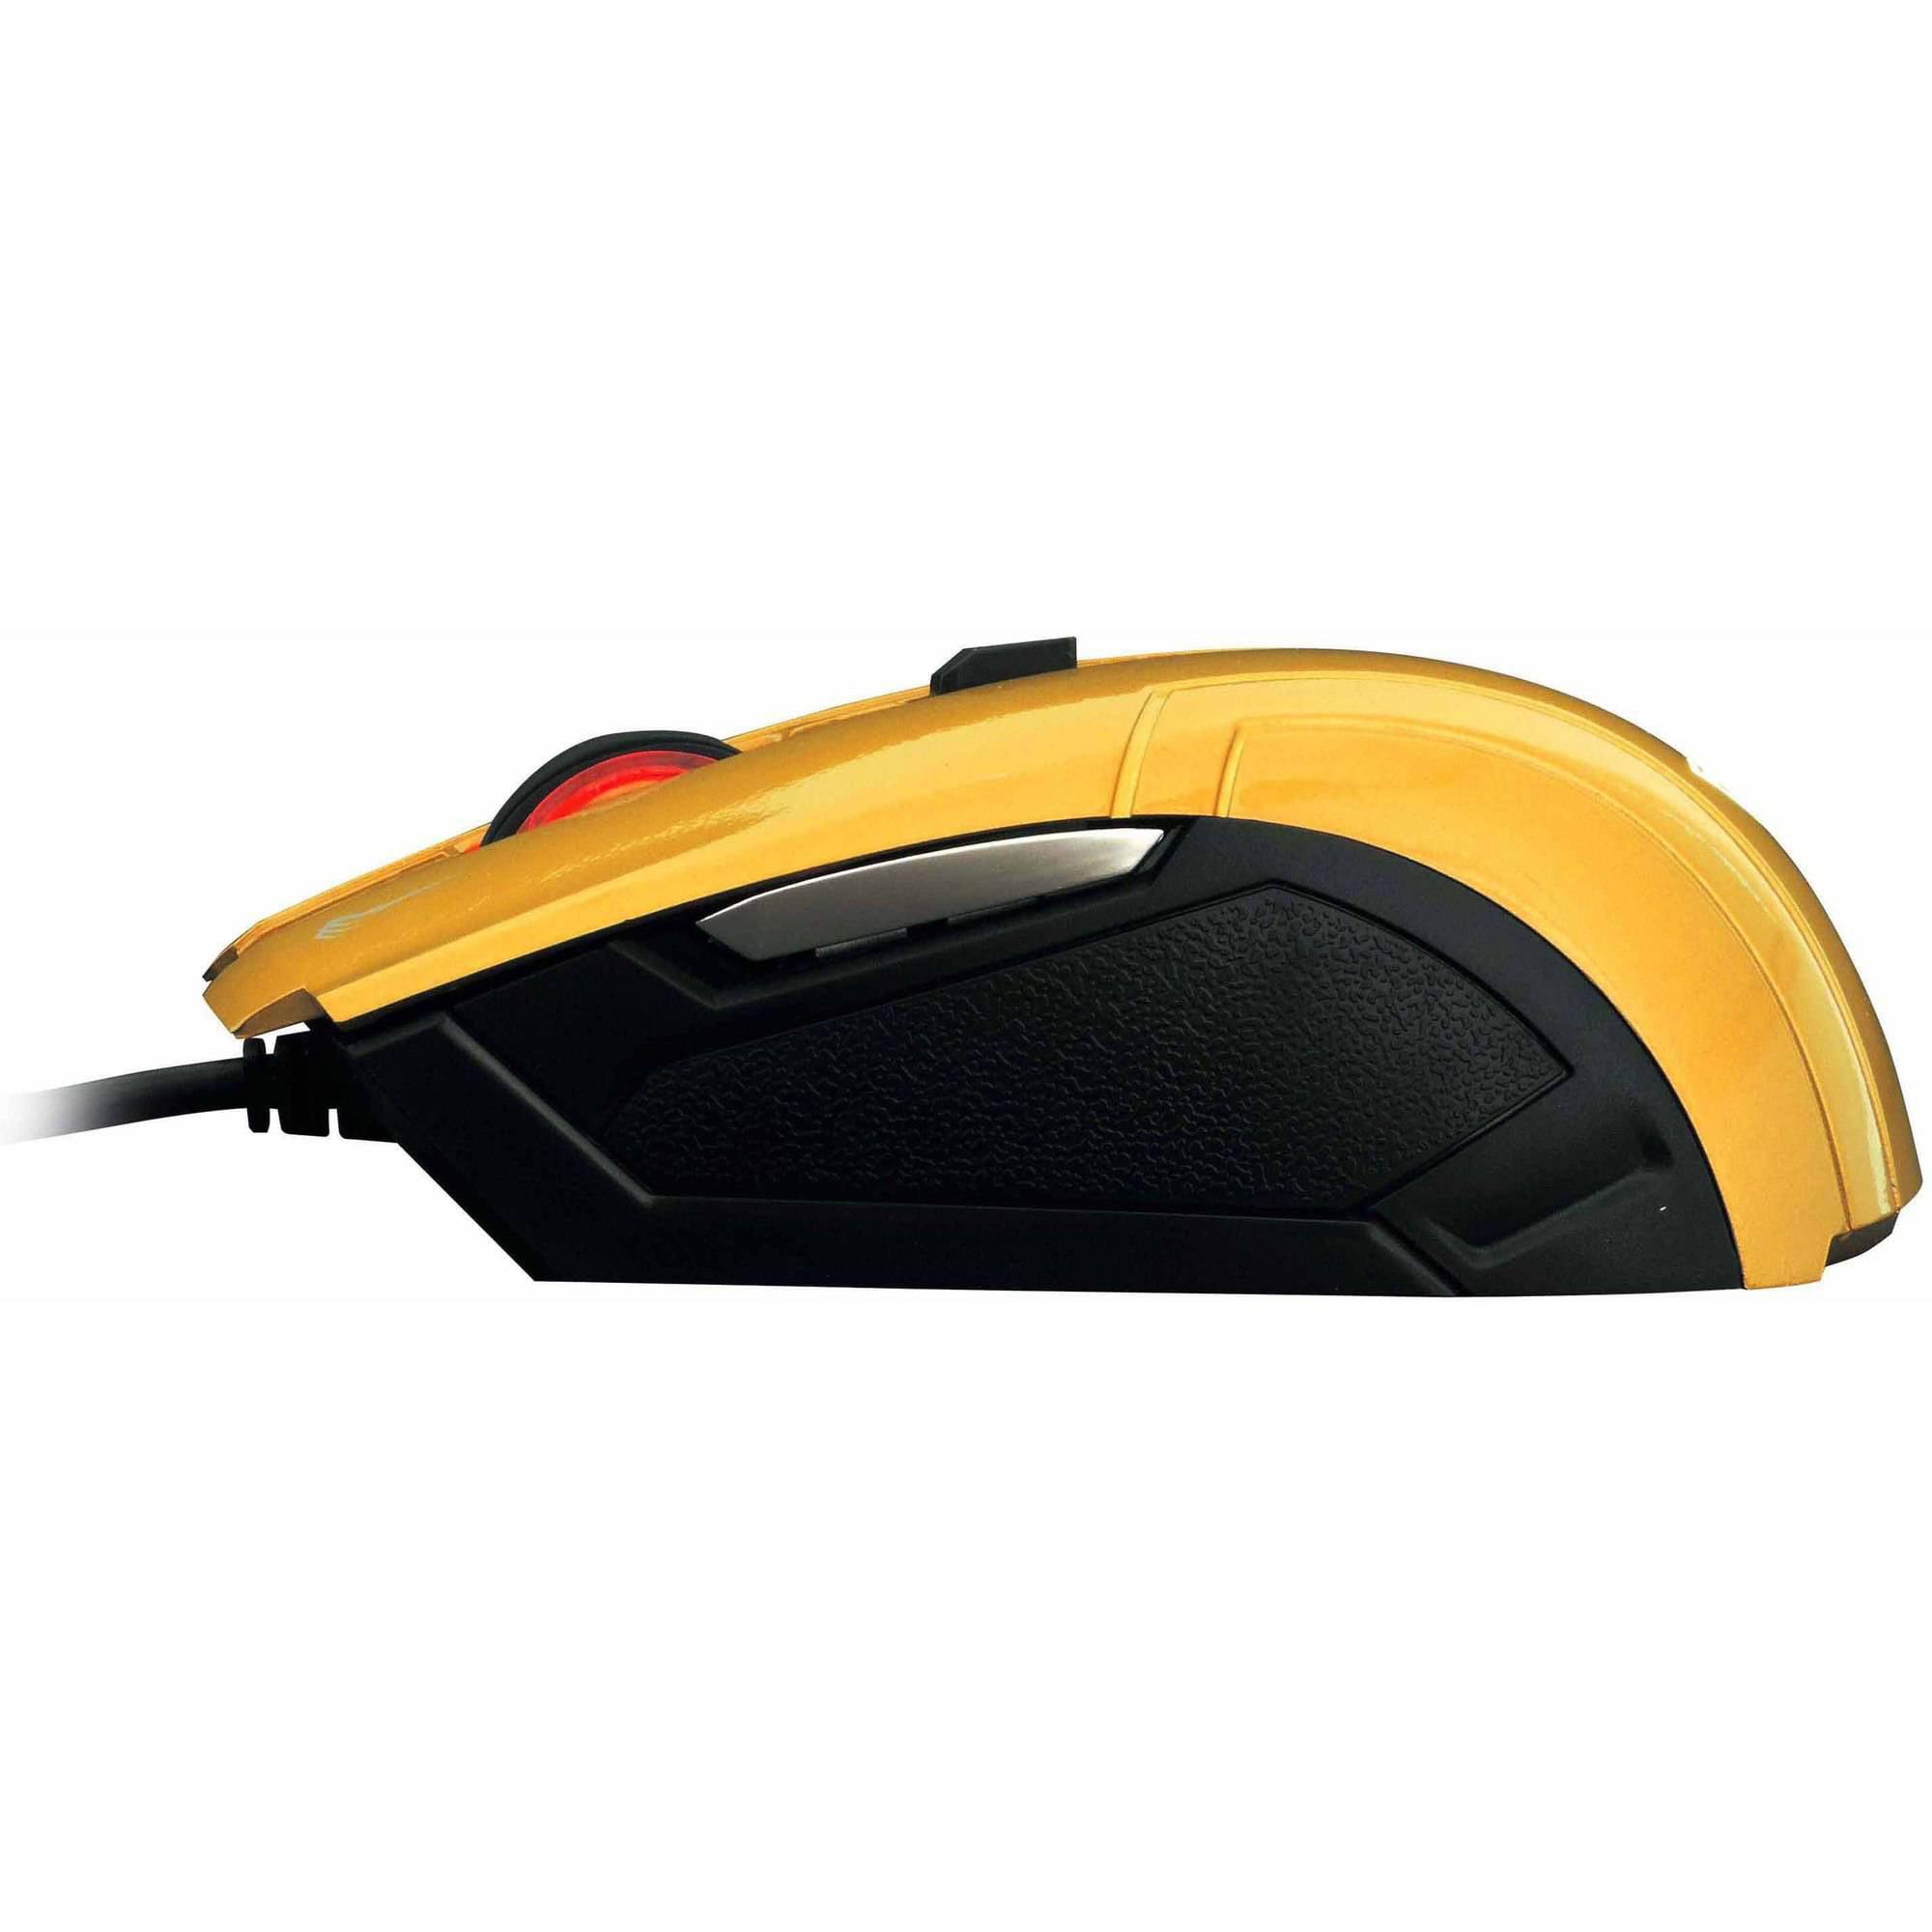 GAMDIAS GMS5000YL DEMETER Optical Gaming Mouse, Gold